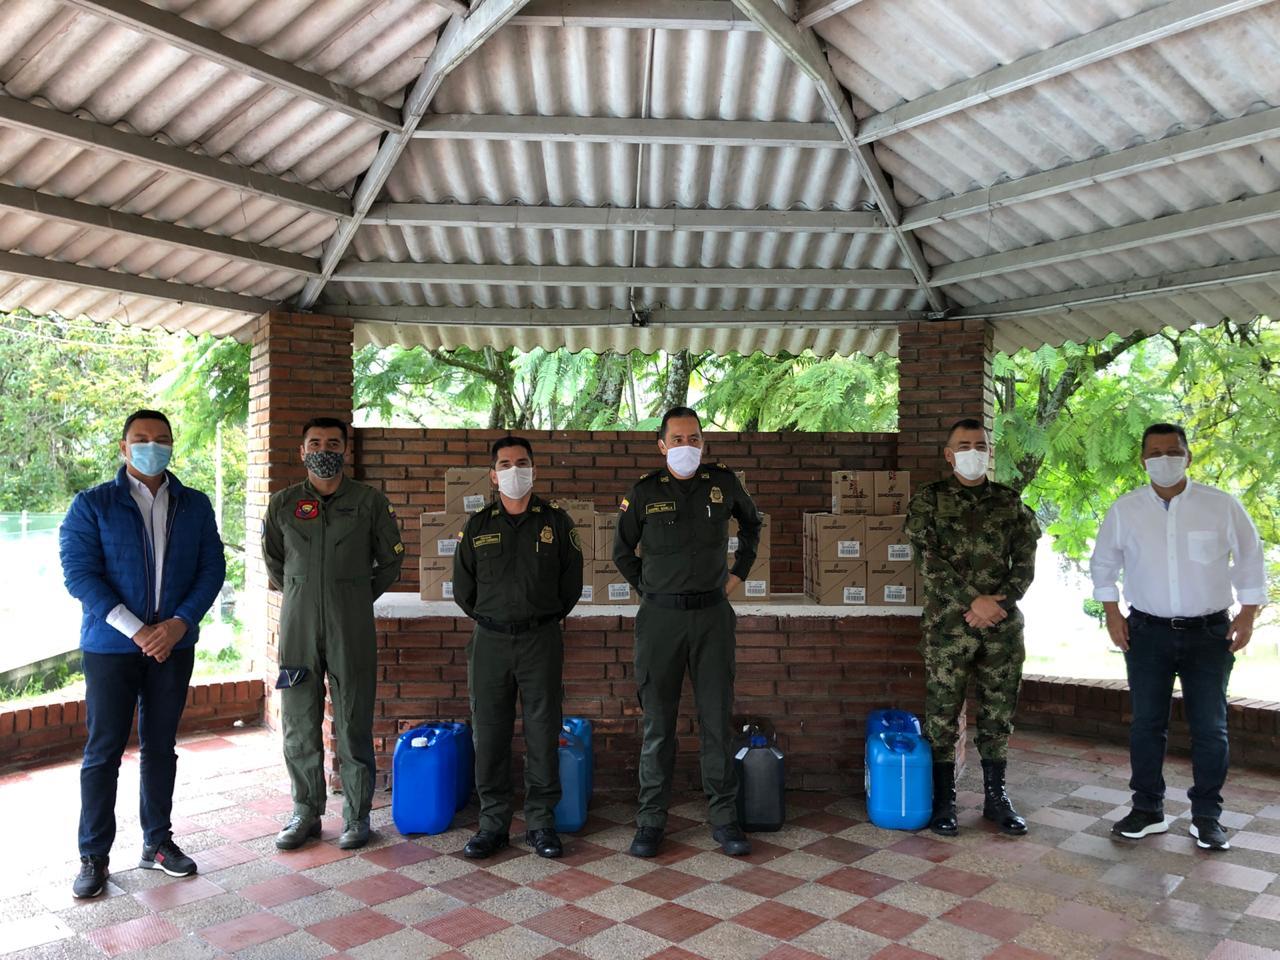 Gobernador hizo entrega de elementos de bioseguridad a la Fuerza Pública